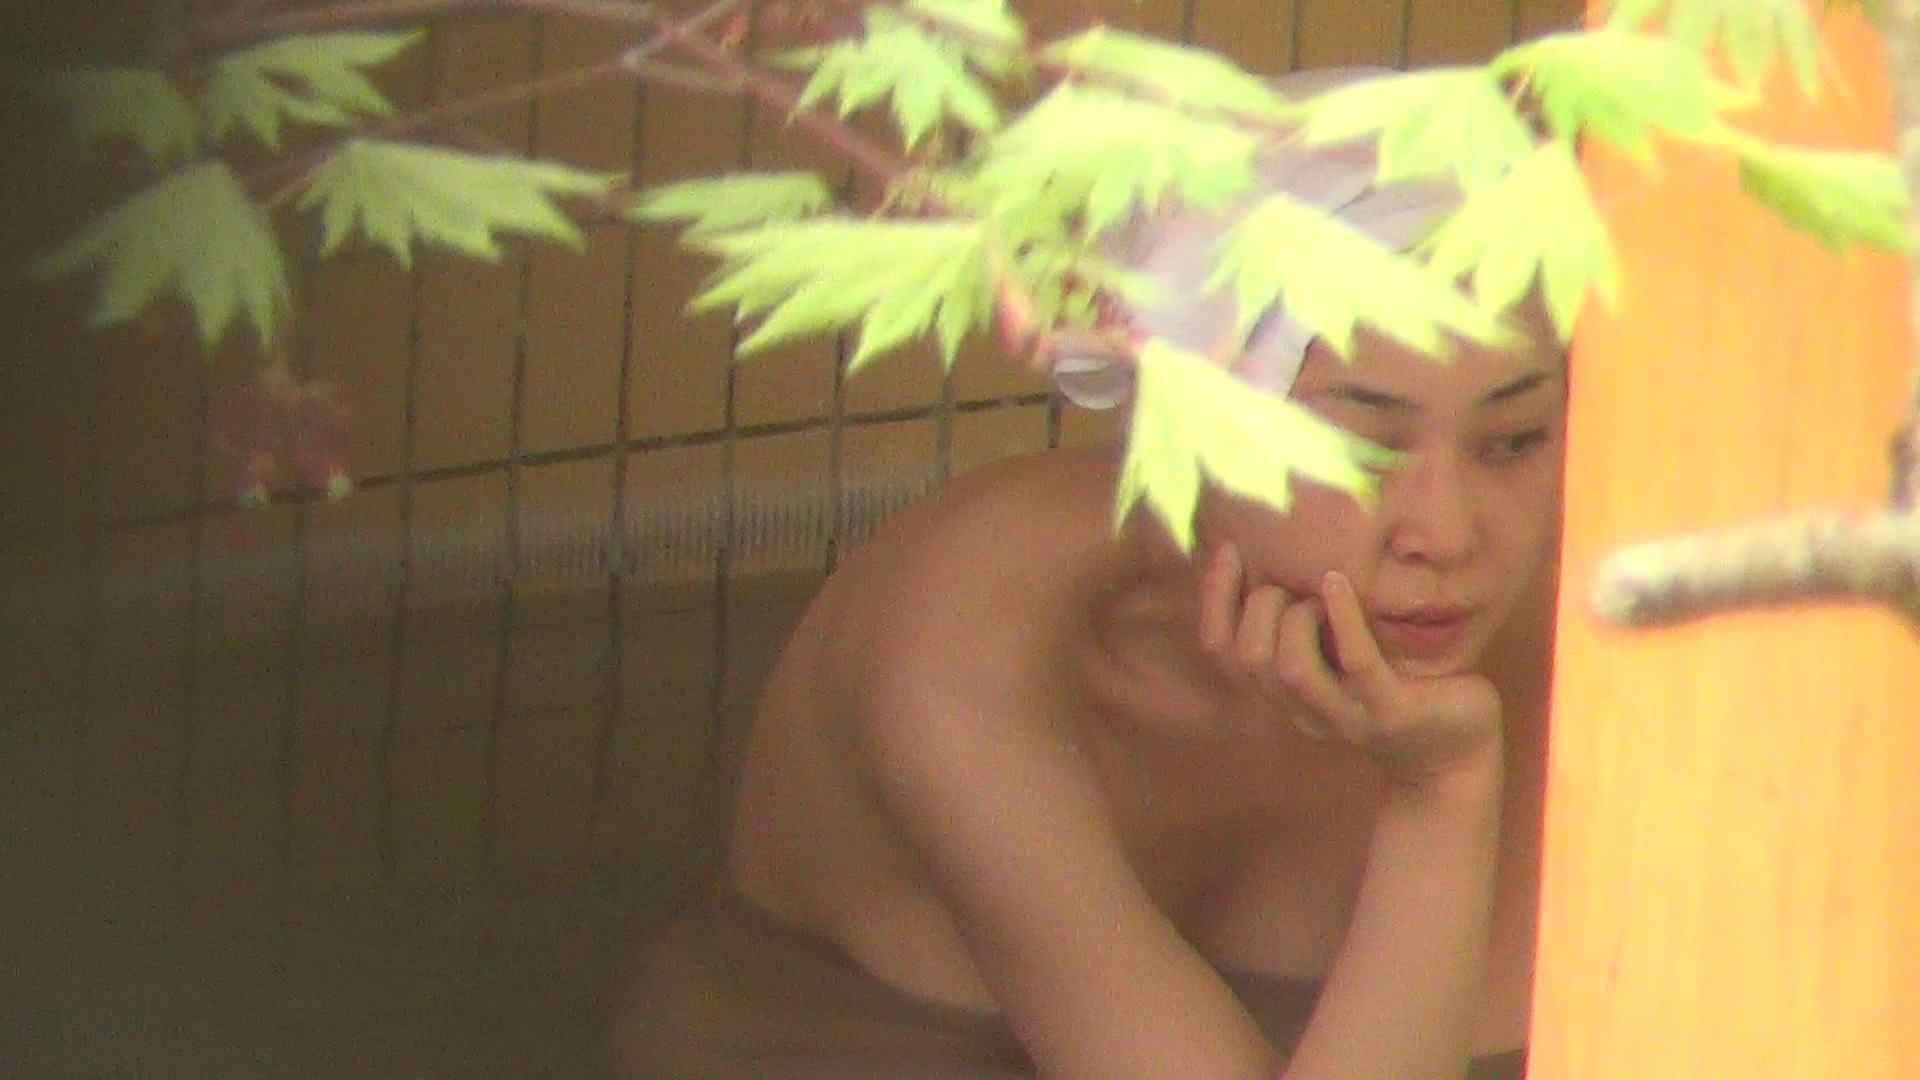 ハイビジョンVol.1  美女盛り合わせ No.1 美女 AV無料動画キャプチャ 53画像 29